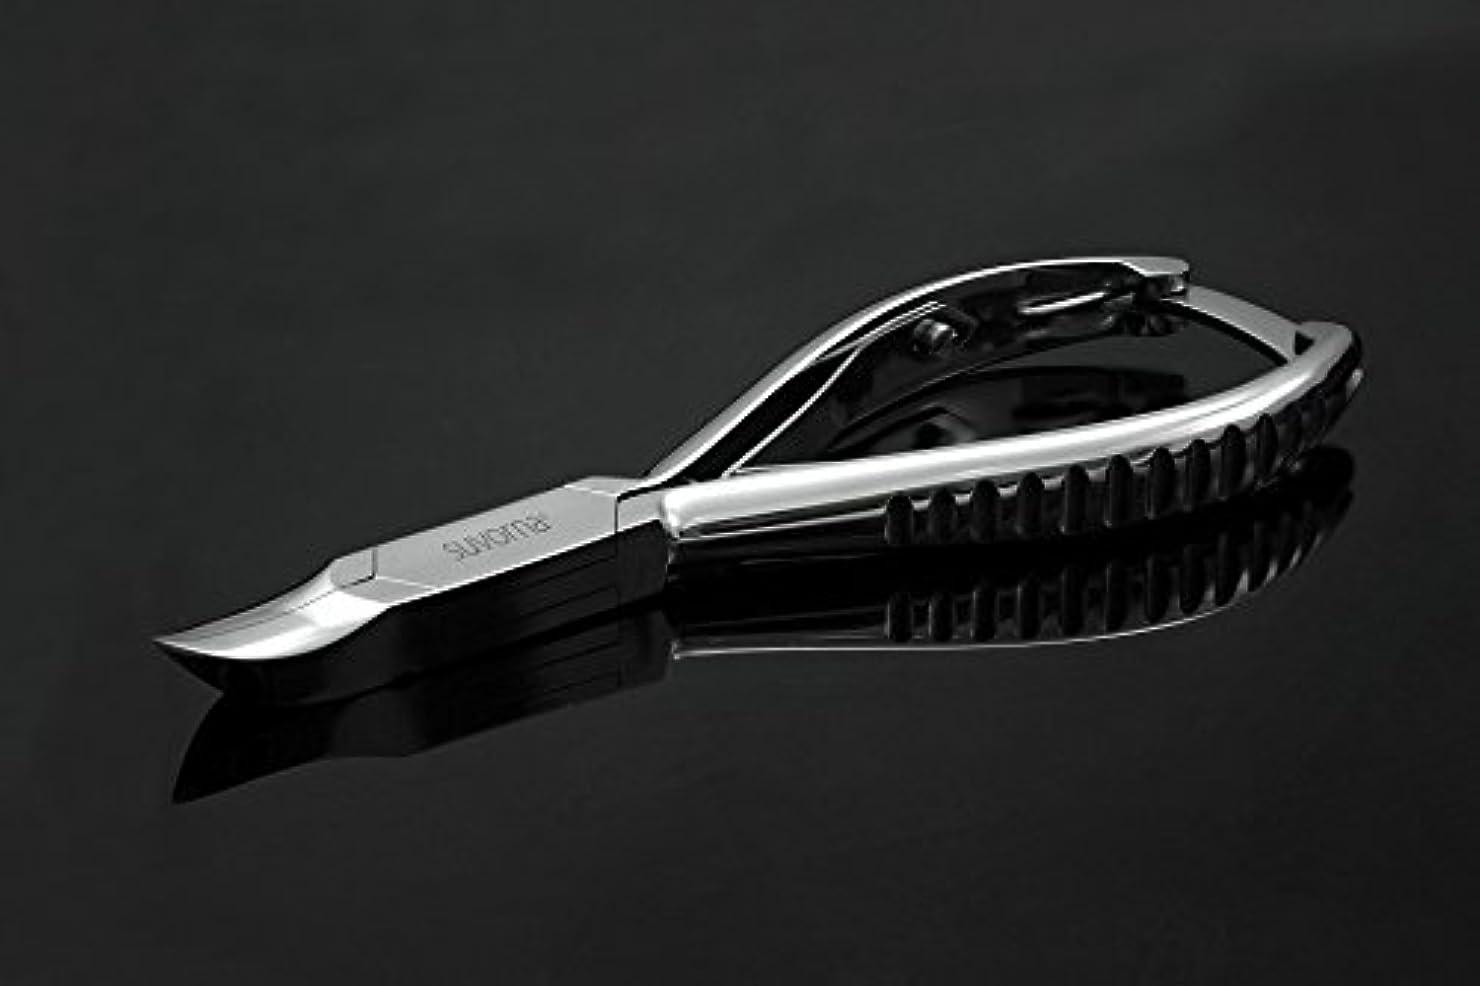 植木まぶしさステンレススヴォルナ プロ仕様 5.5インチ (14センチ) ペディキュア 分厚い足の爪 ニッパー 曲面顎 & バックロック 3109 (インポート)